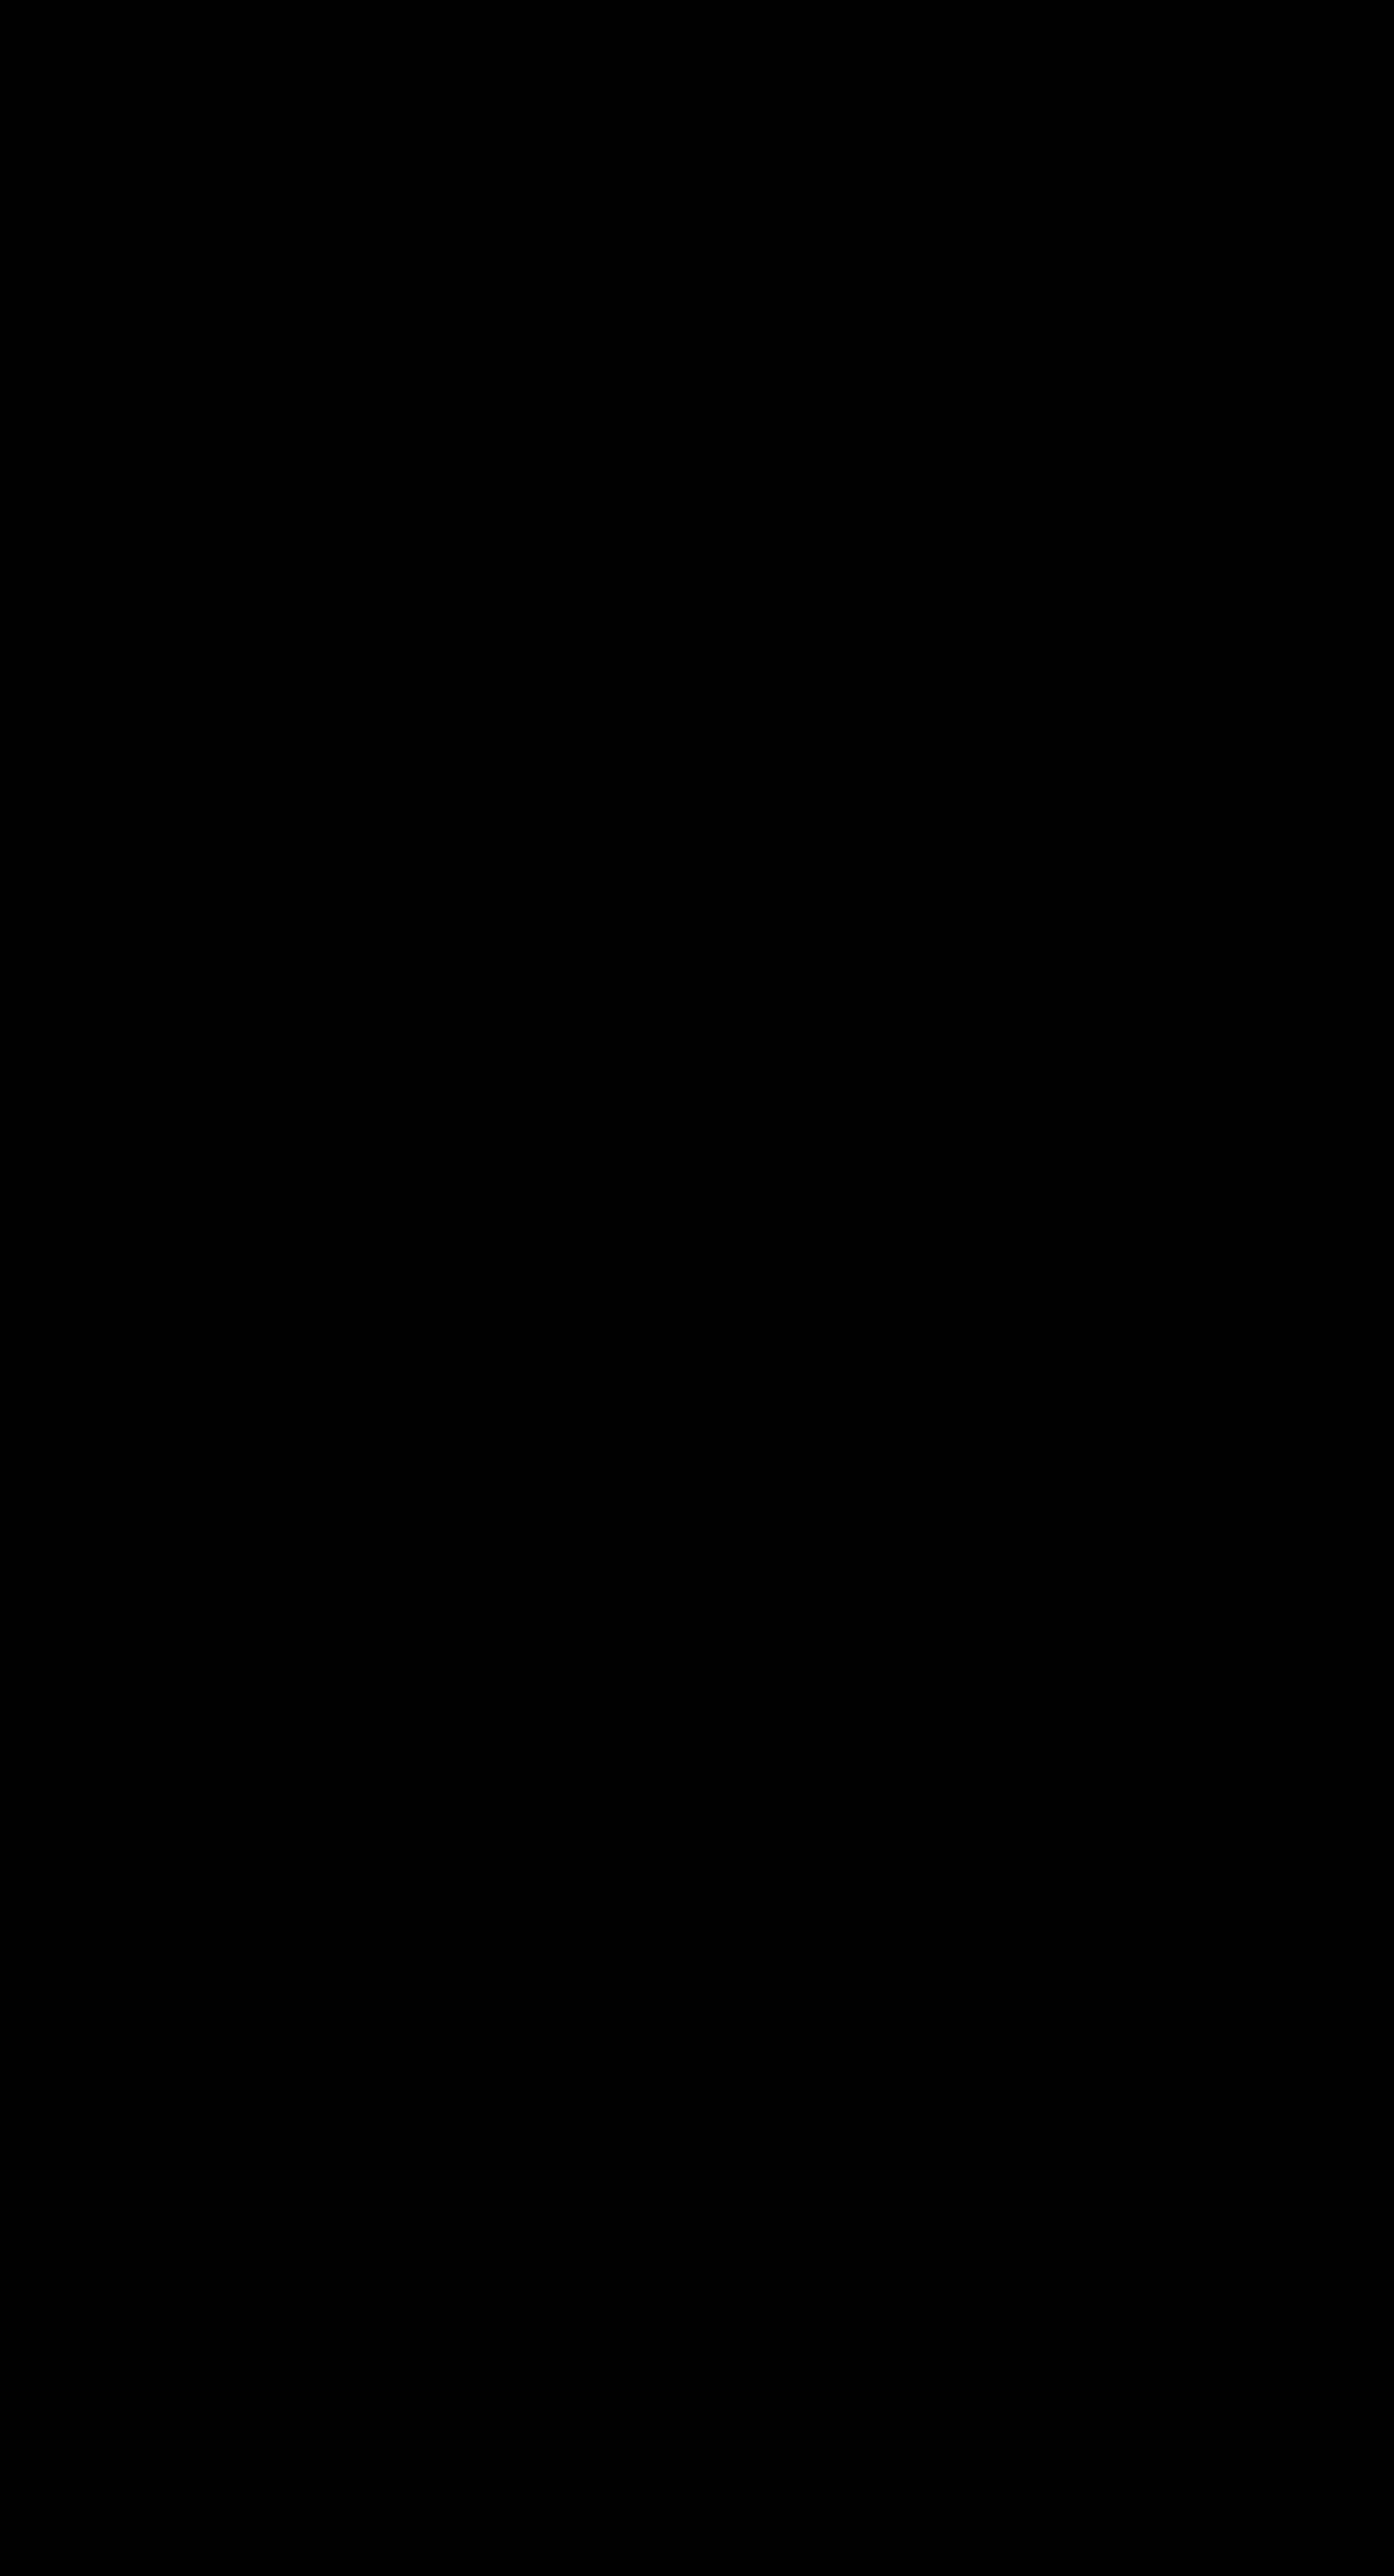 PDI_Biochart_Paleogene_v170116